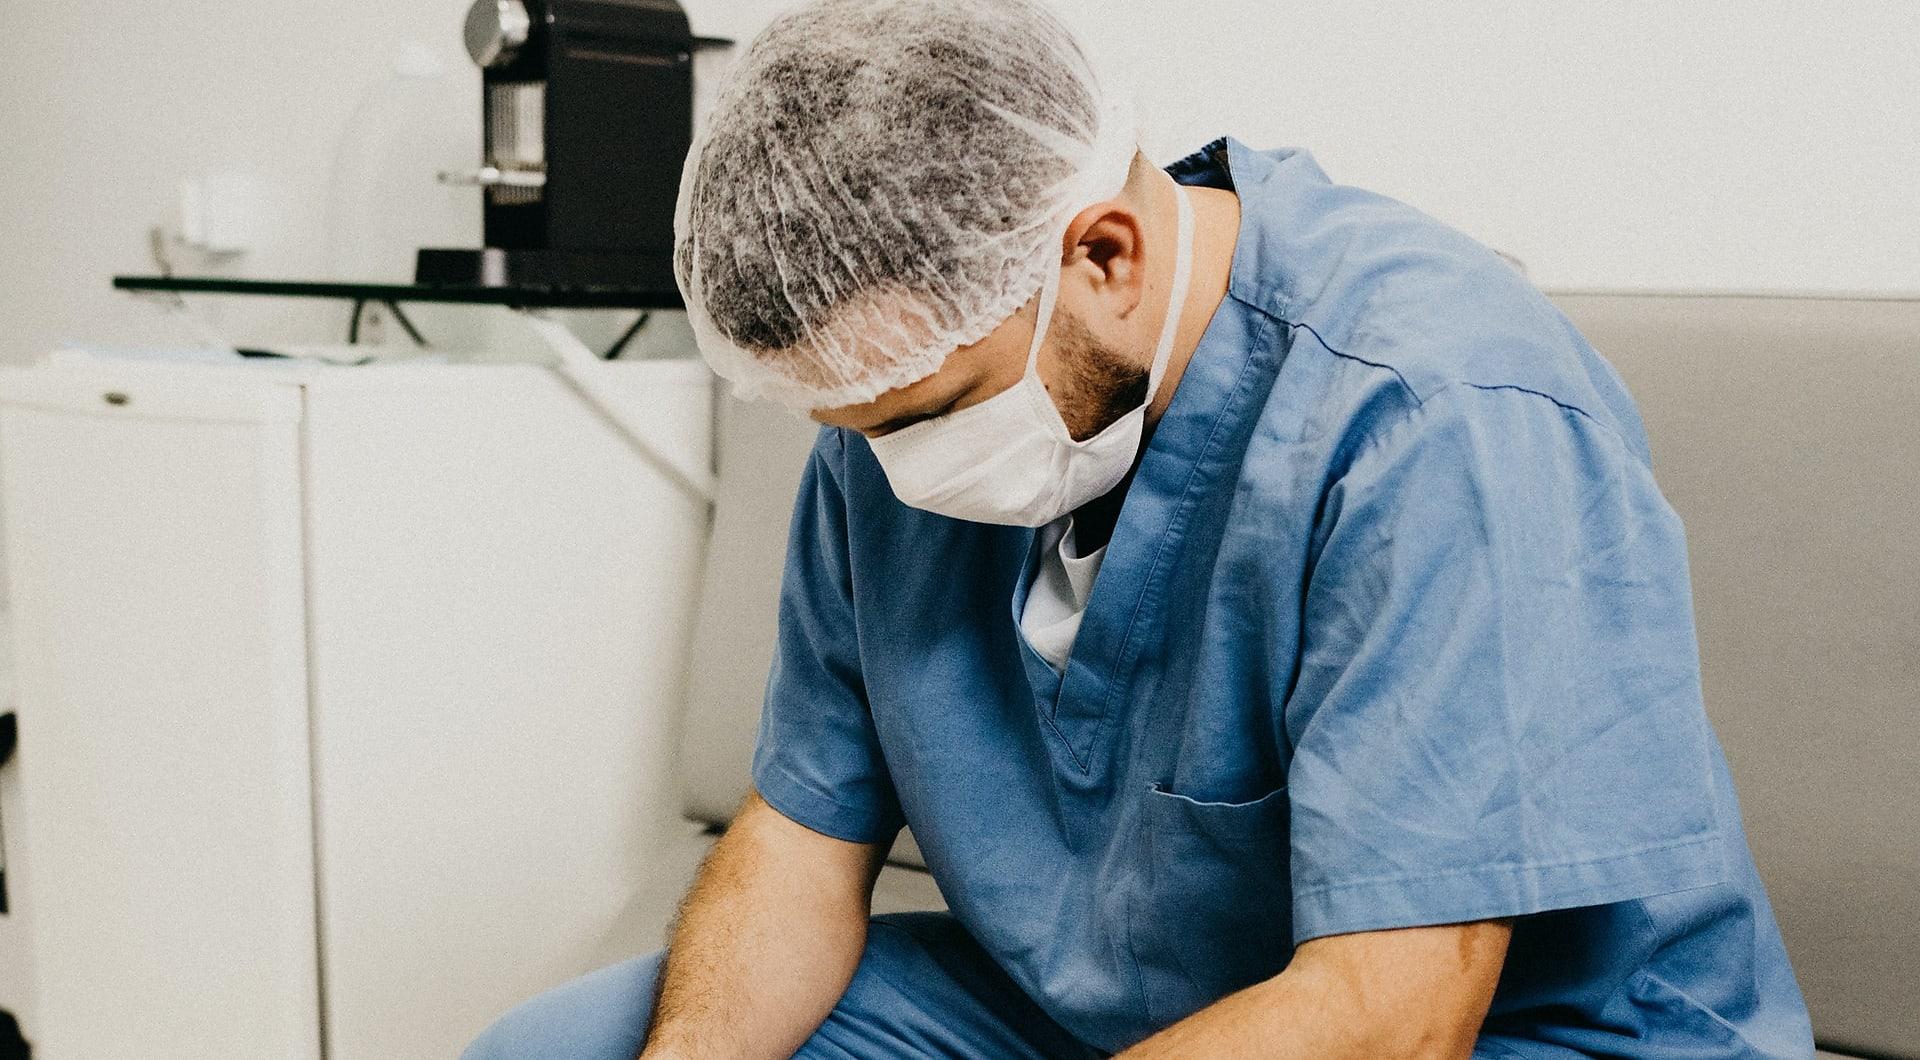 Massenexodus von Pflegepersonal befürchtet